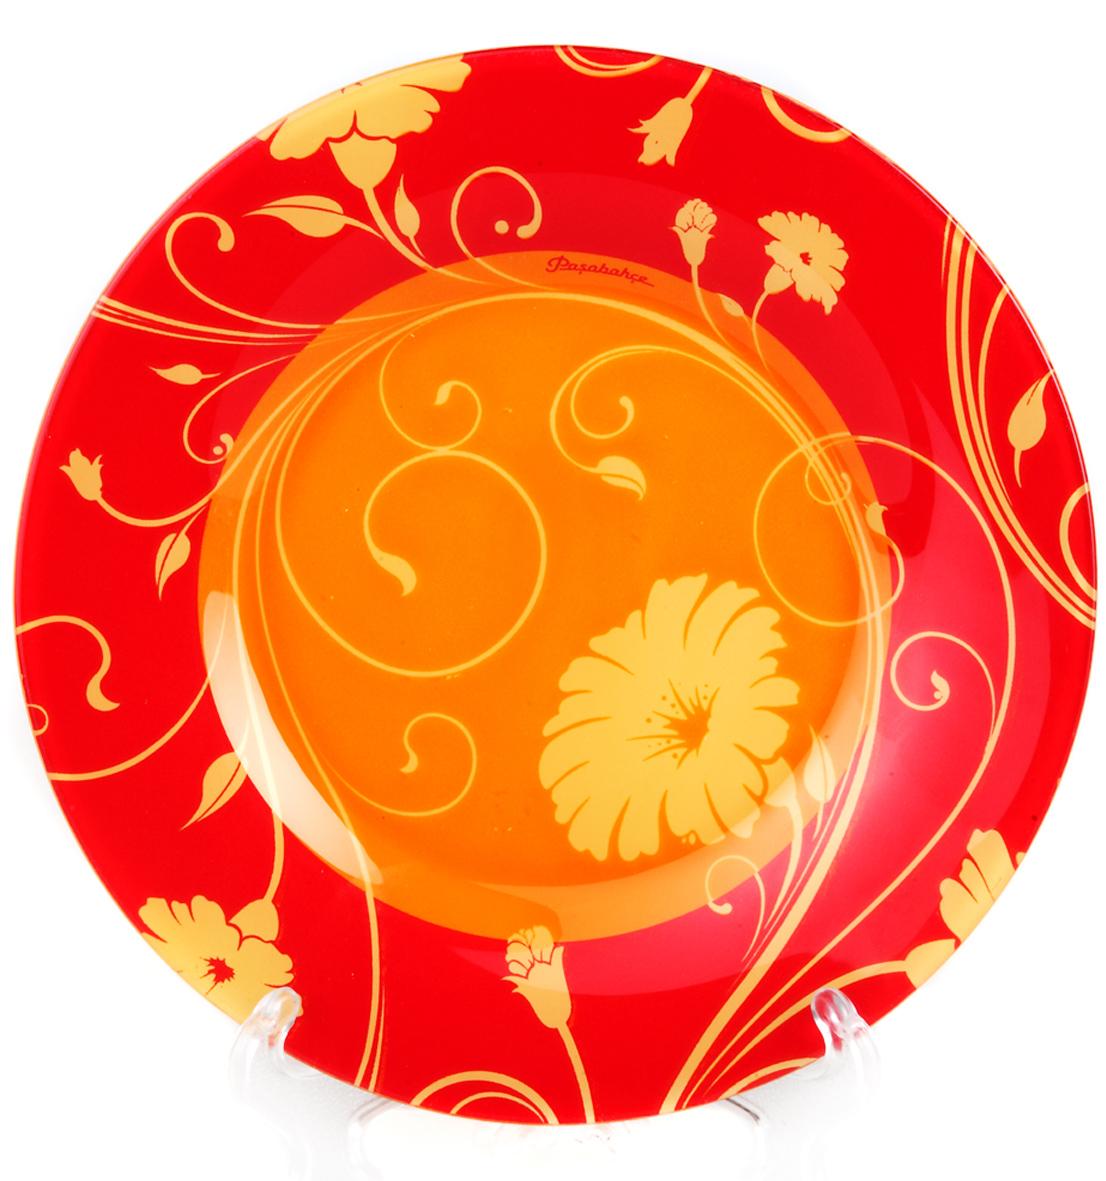 Тарелка Pasabahce Уоркшоп оранж серенейд, цвет: оранжевый, диаметр 19,5 см10327SLBD1Тарелка из закаленного стекла SERENADE d=200 мм (на оранжевом фоне желтые цветы)